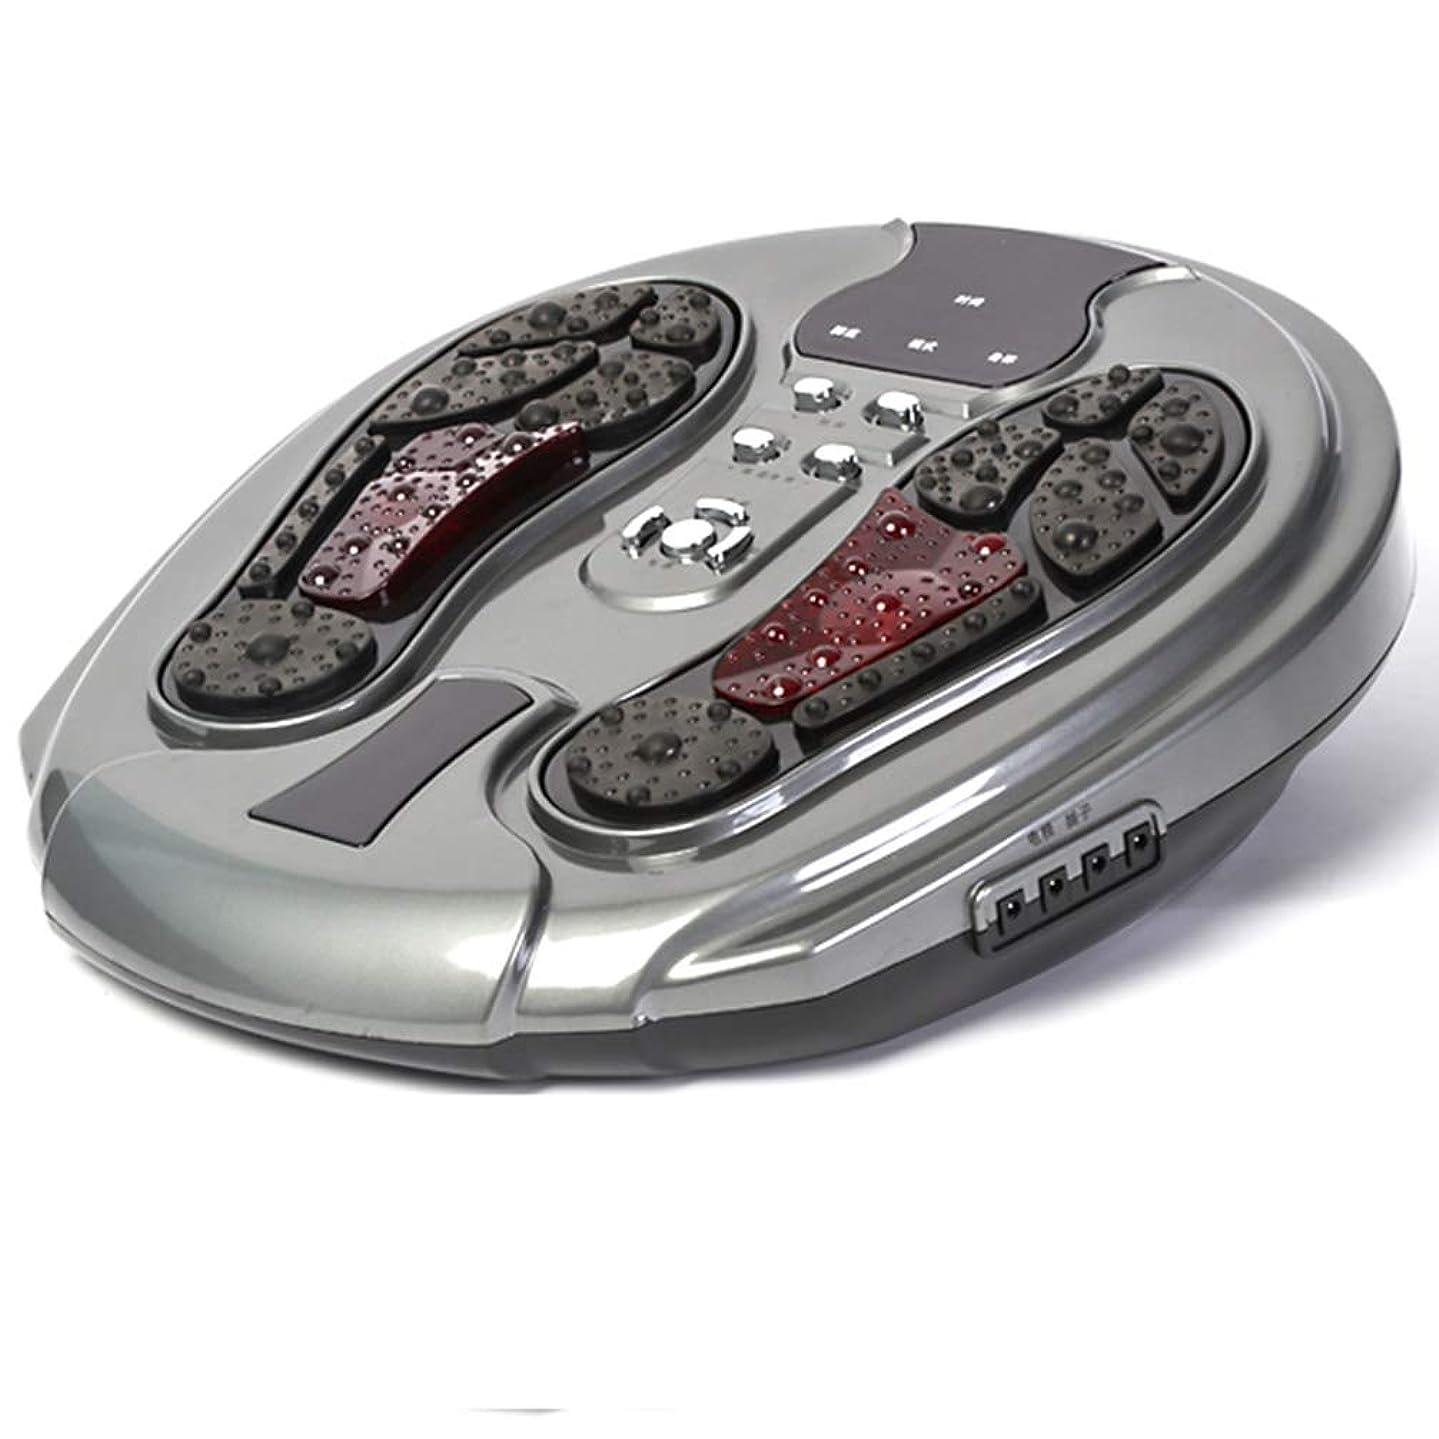 命令本物の麻痺させるフットマッサージ機、電気指圧式フットマッサージャー(熱、空気圧縮、足用マッサージおよび家庭用およびオフィス用), gray